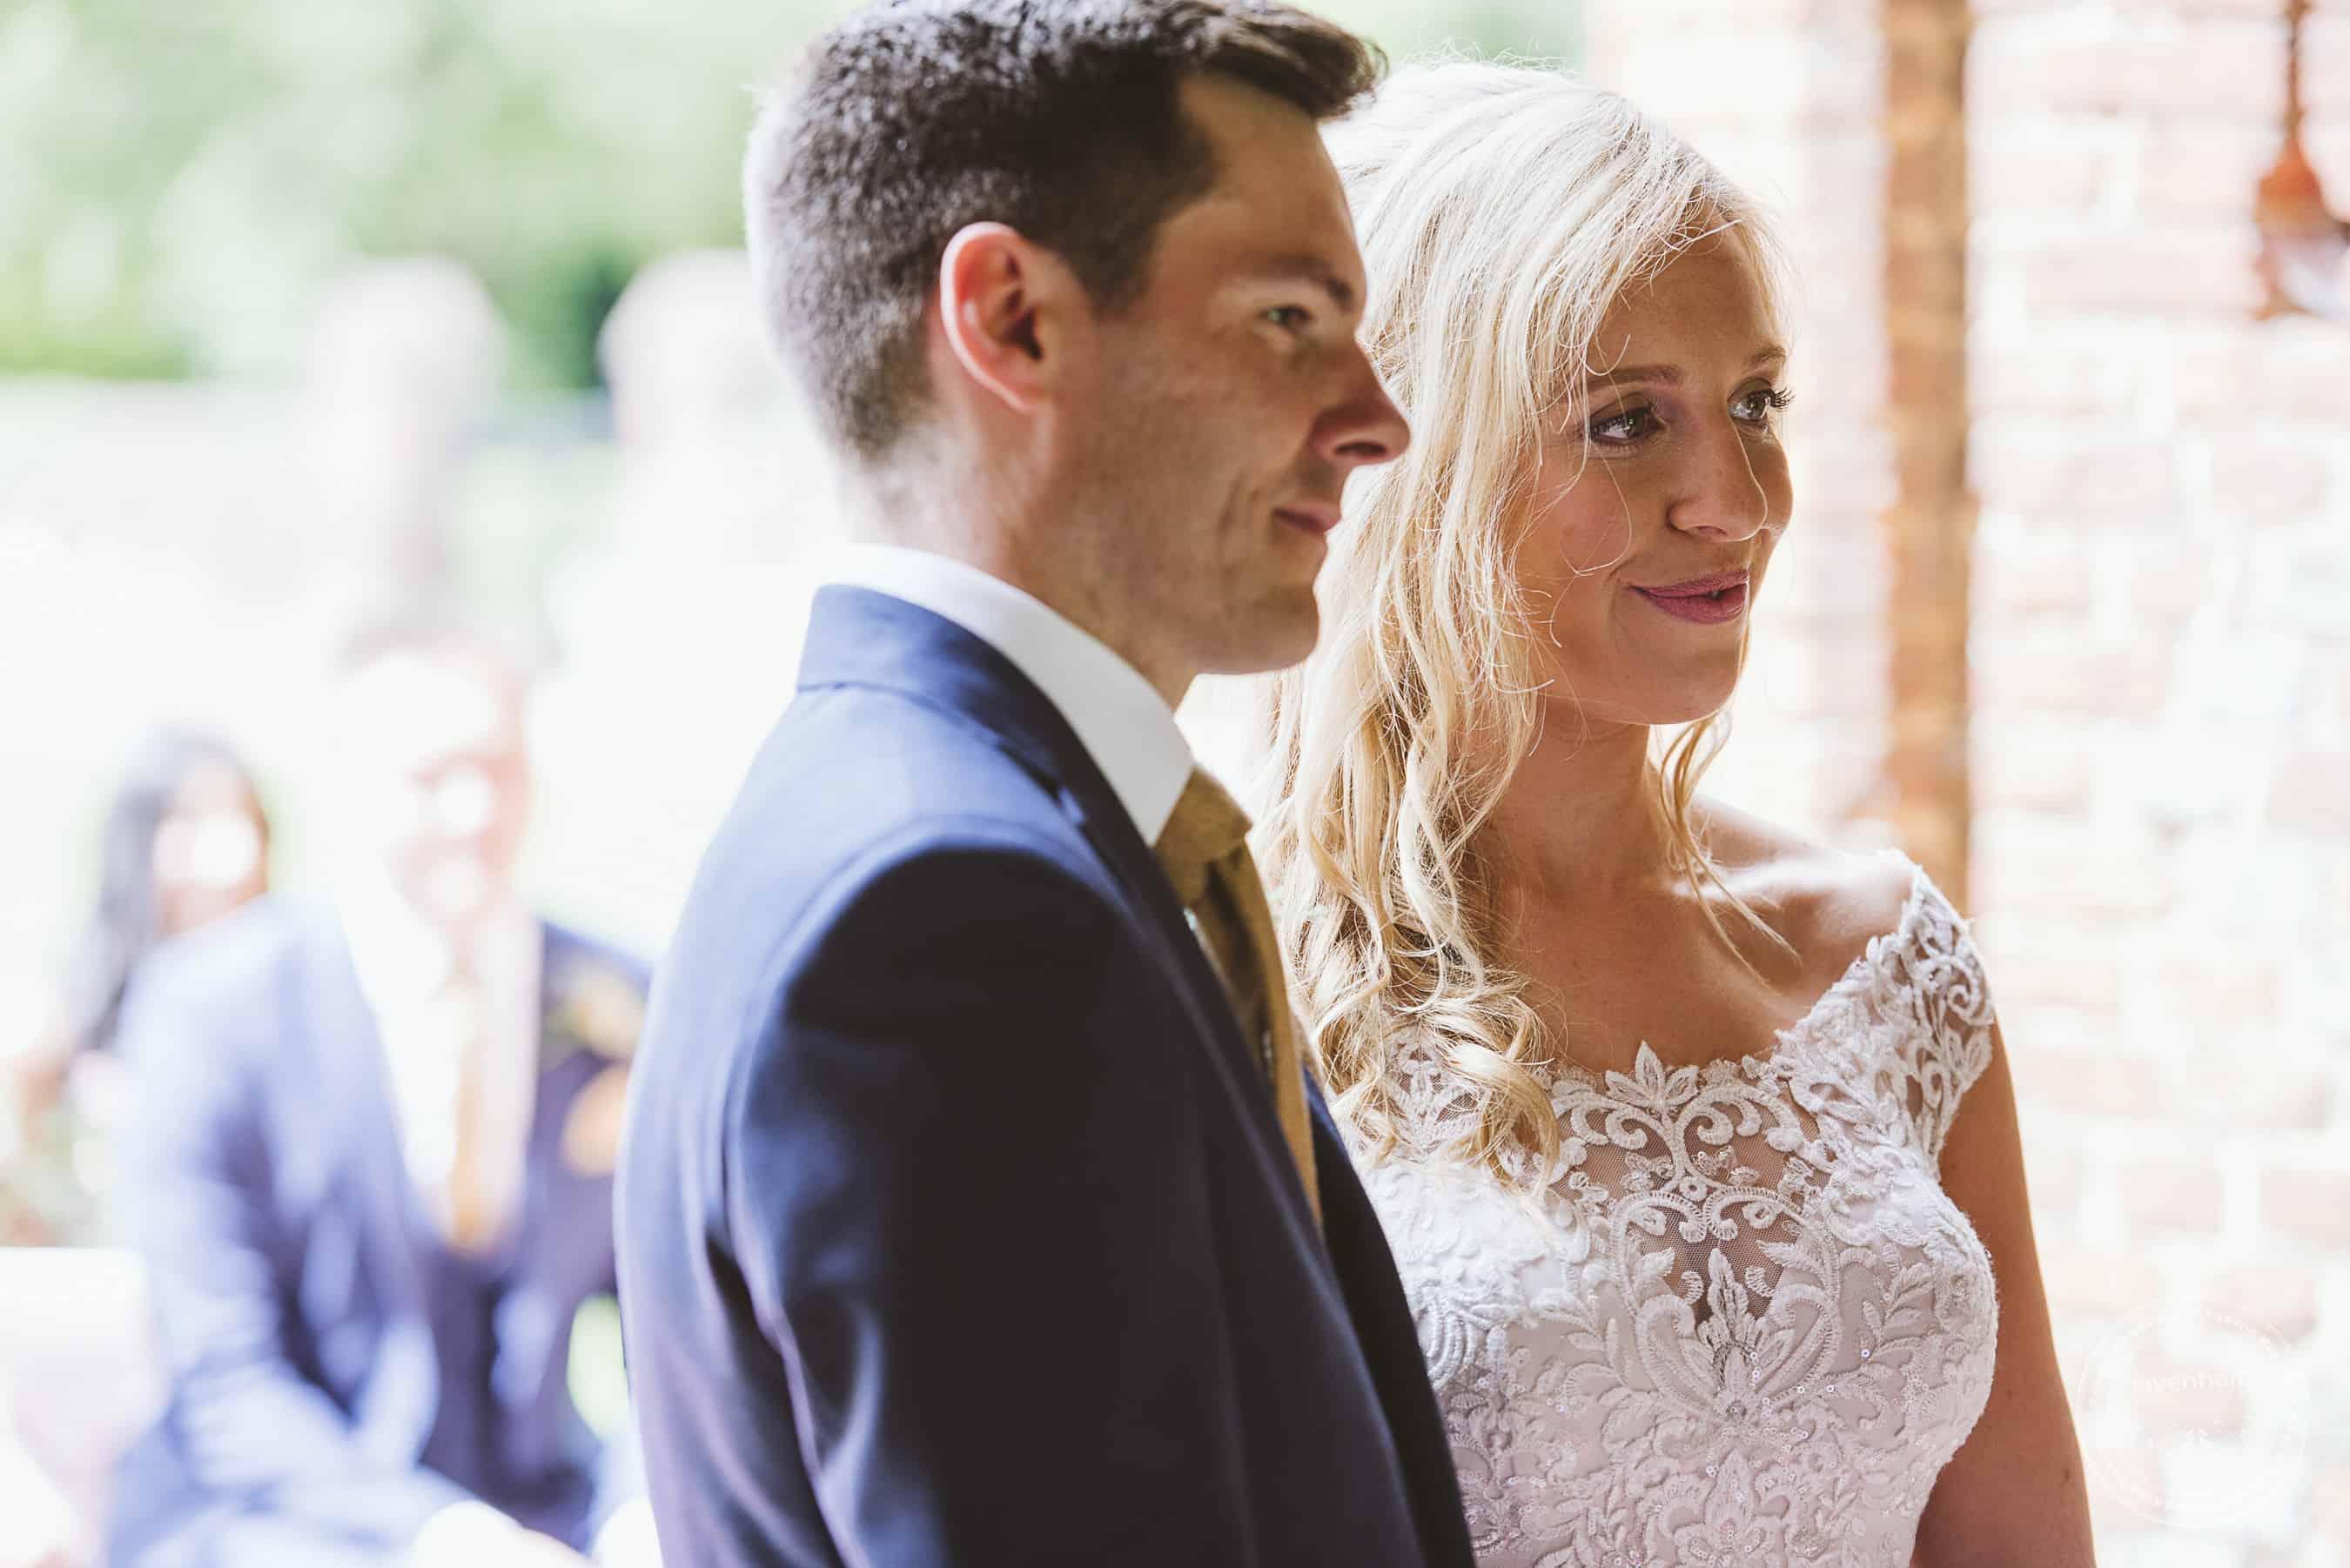 020618 Leez Priory Wedding Photography Lavenham Photographic 053